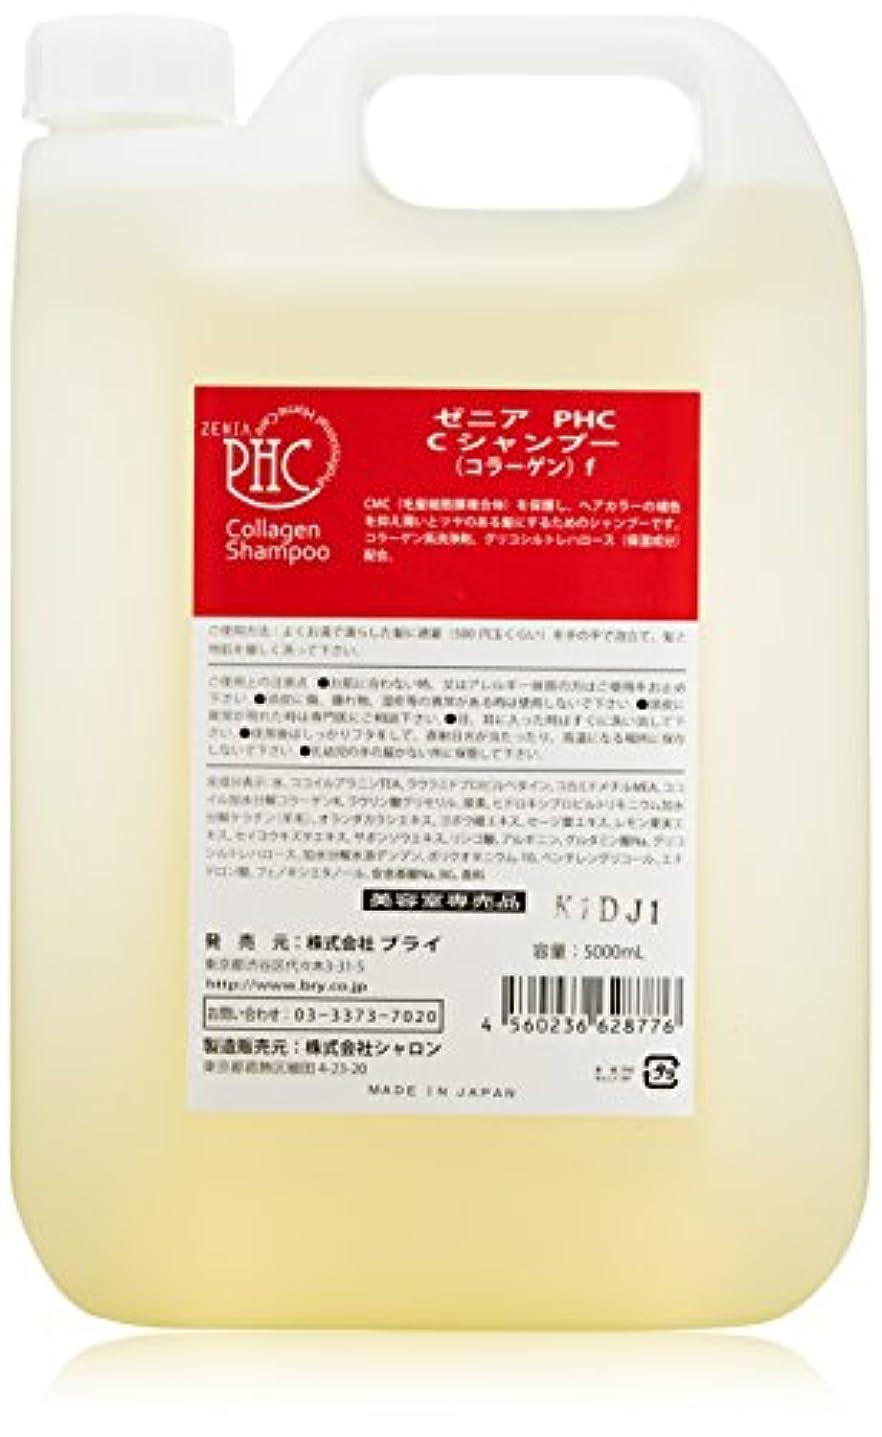 取るに足らないパパテメリティBRY(ブライ) ZENIA(ゼニア) PHC コラーゲンシャンプー 詰替 5000ml